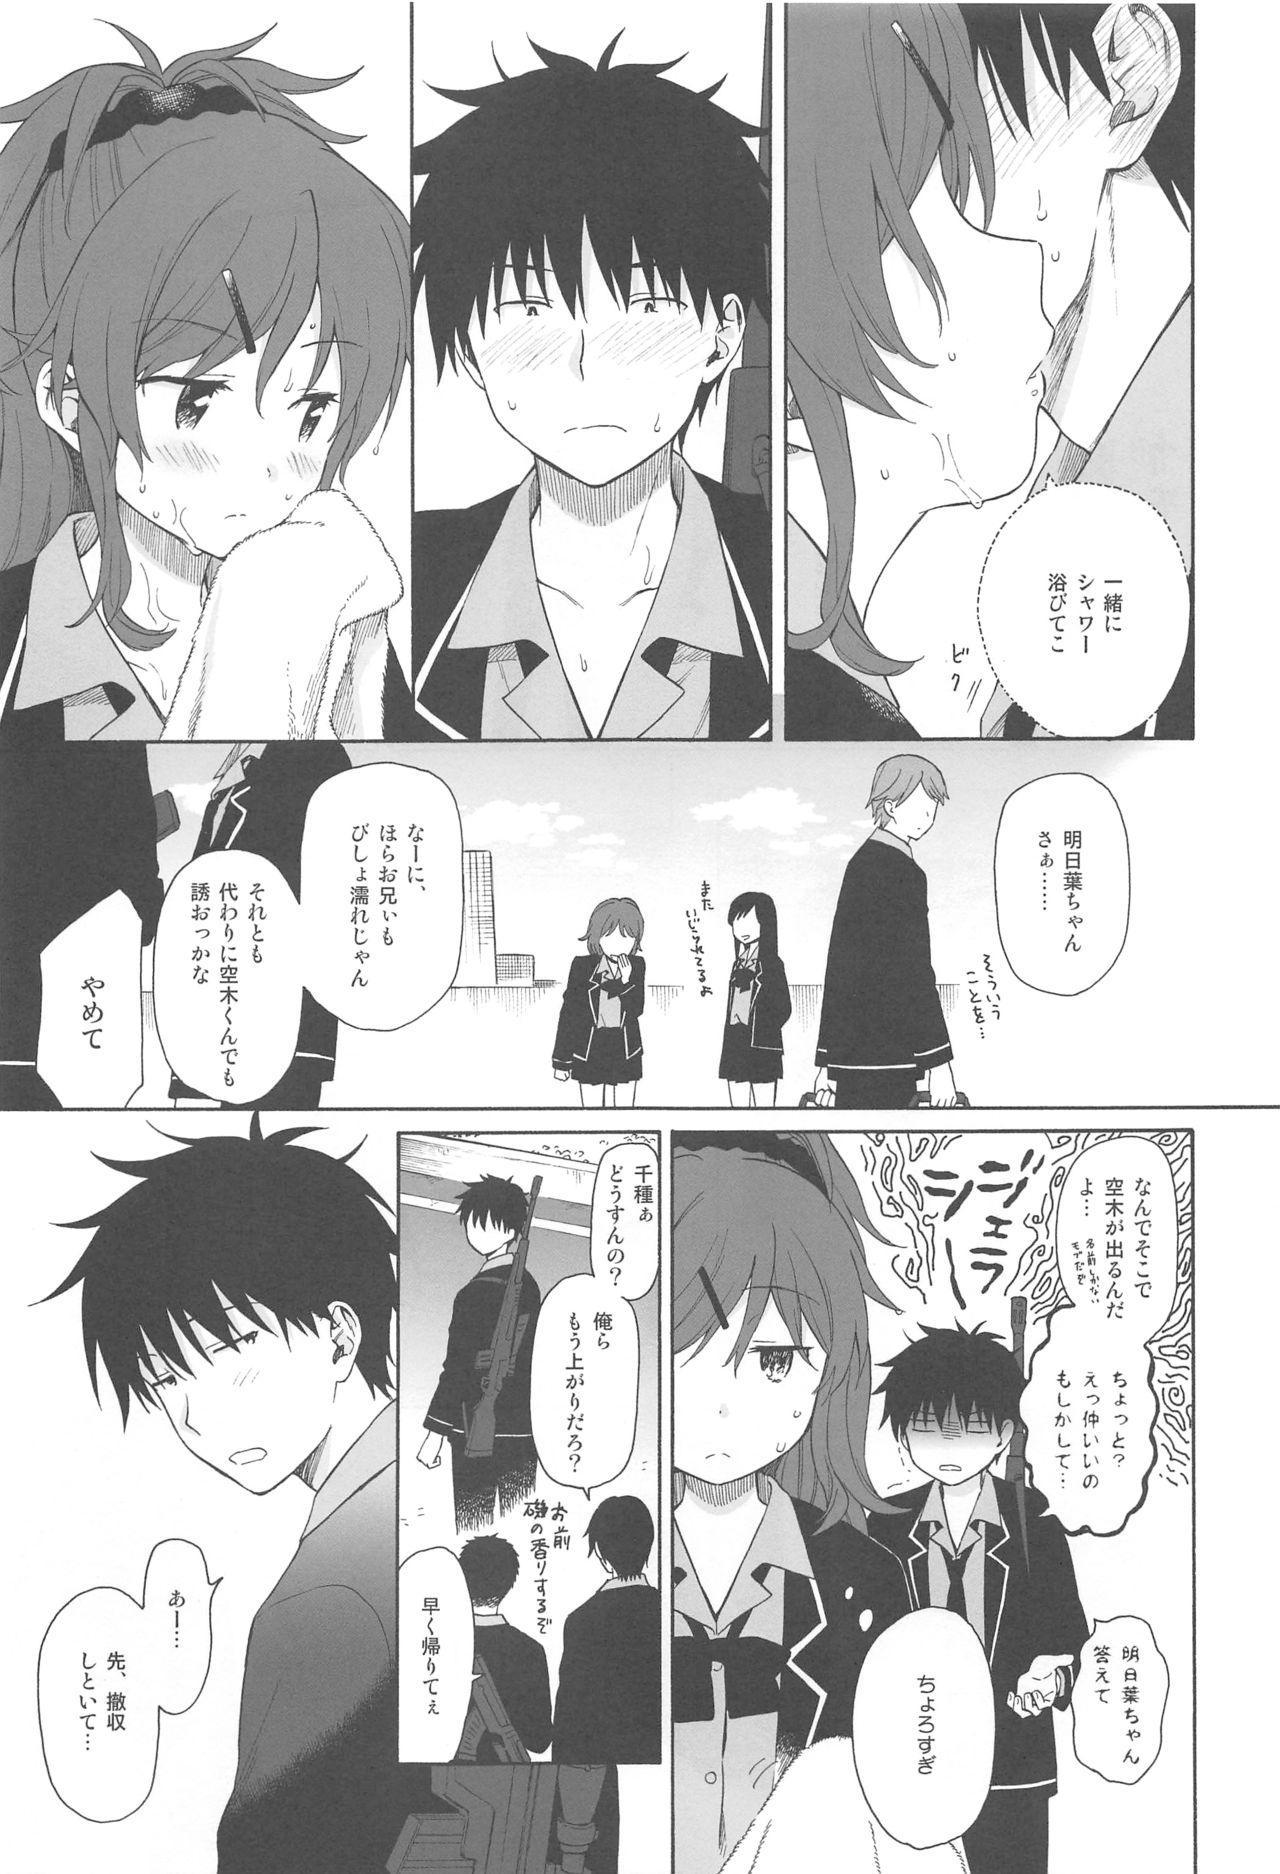 Kono Sekai no Owari made 15